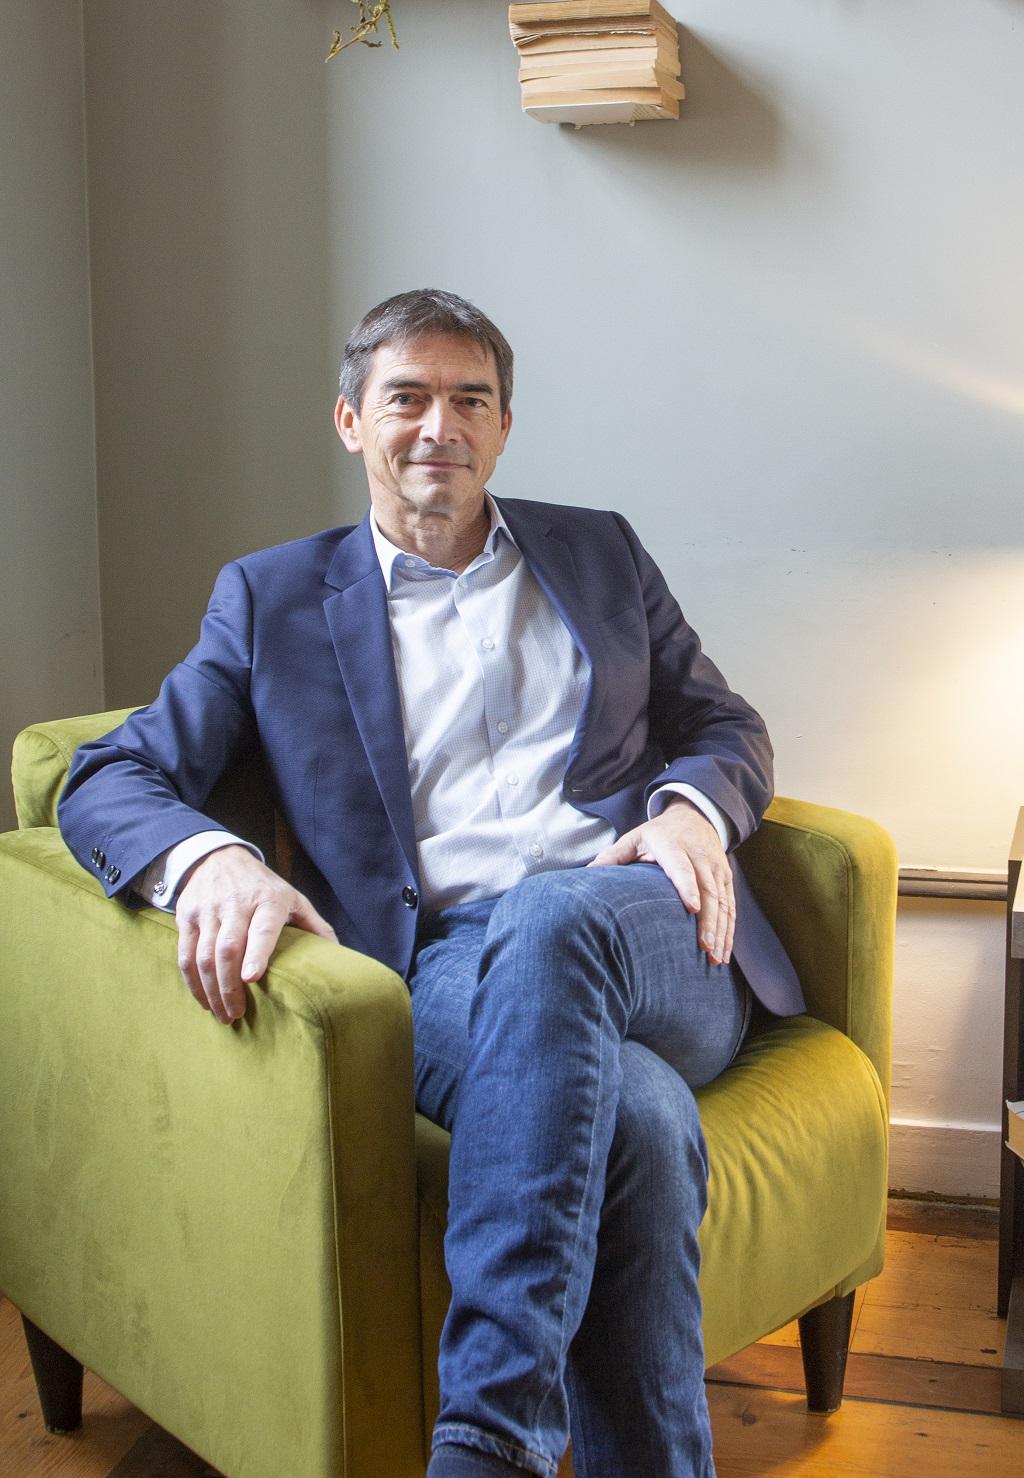 Philippe Moreau, Ameublement français